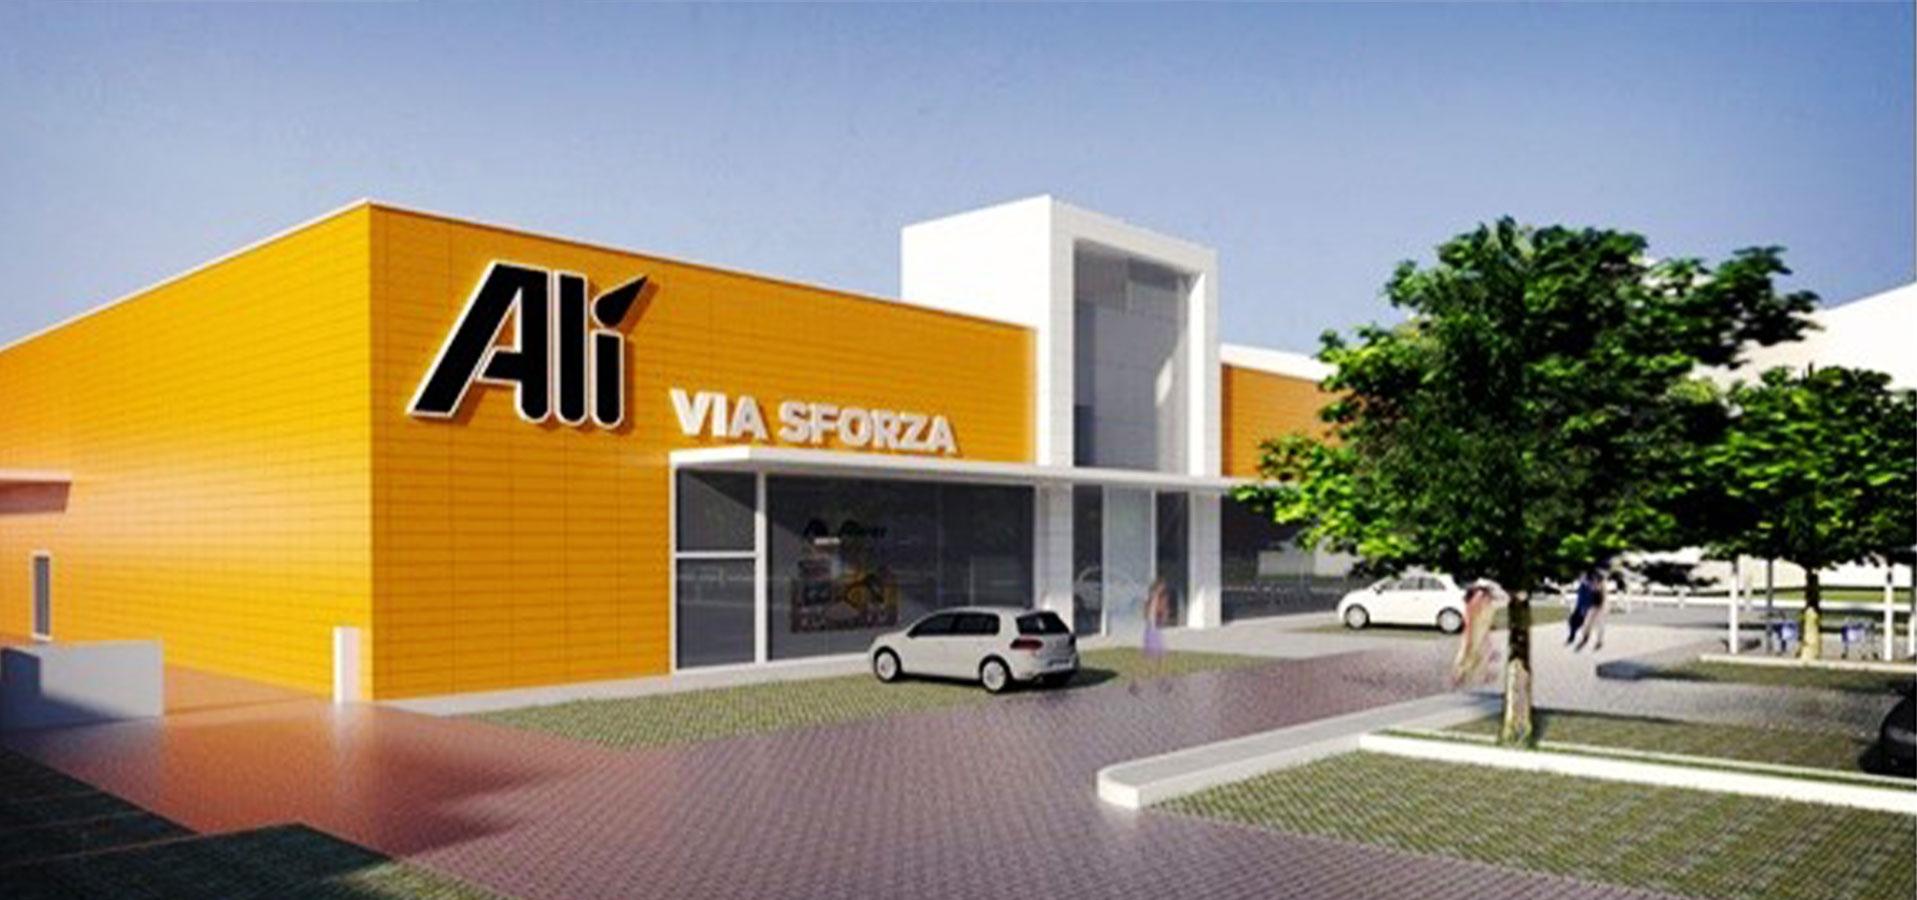 Progettazione supermercati